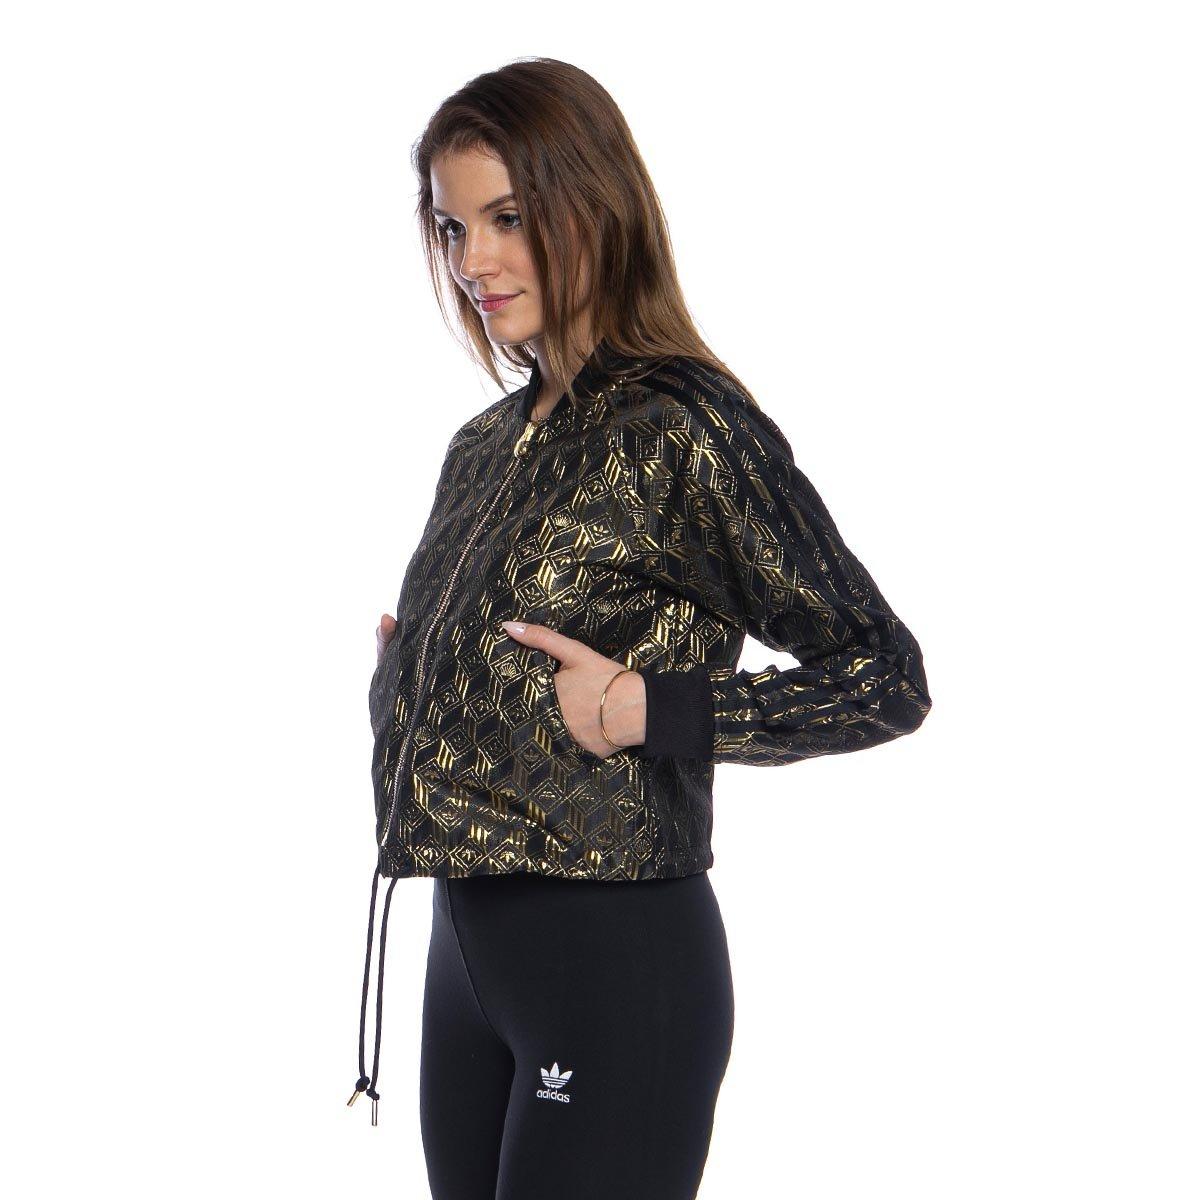 Bluza damska Adidas Originals Premium SST TT złota